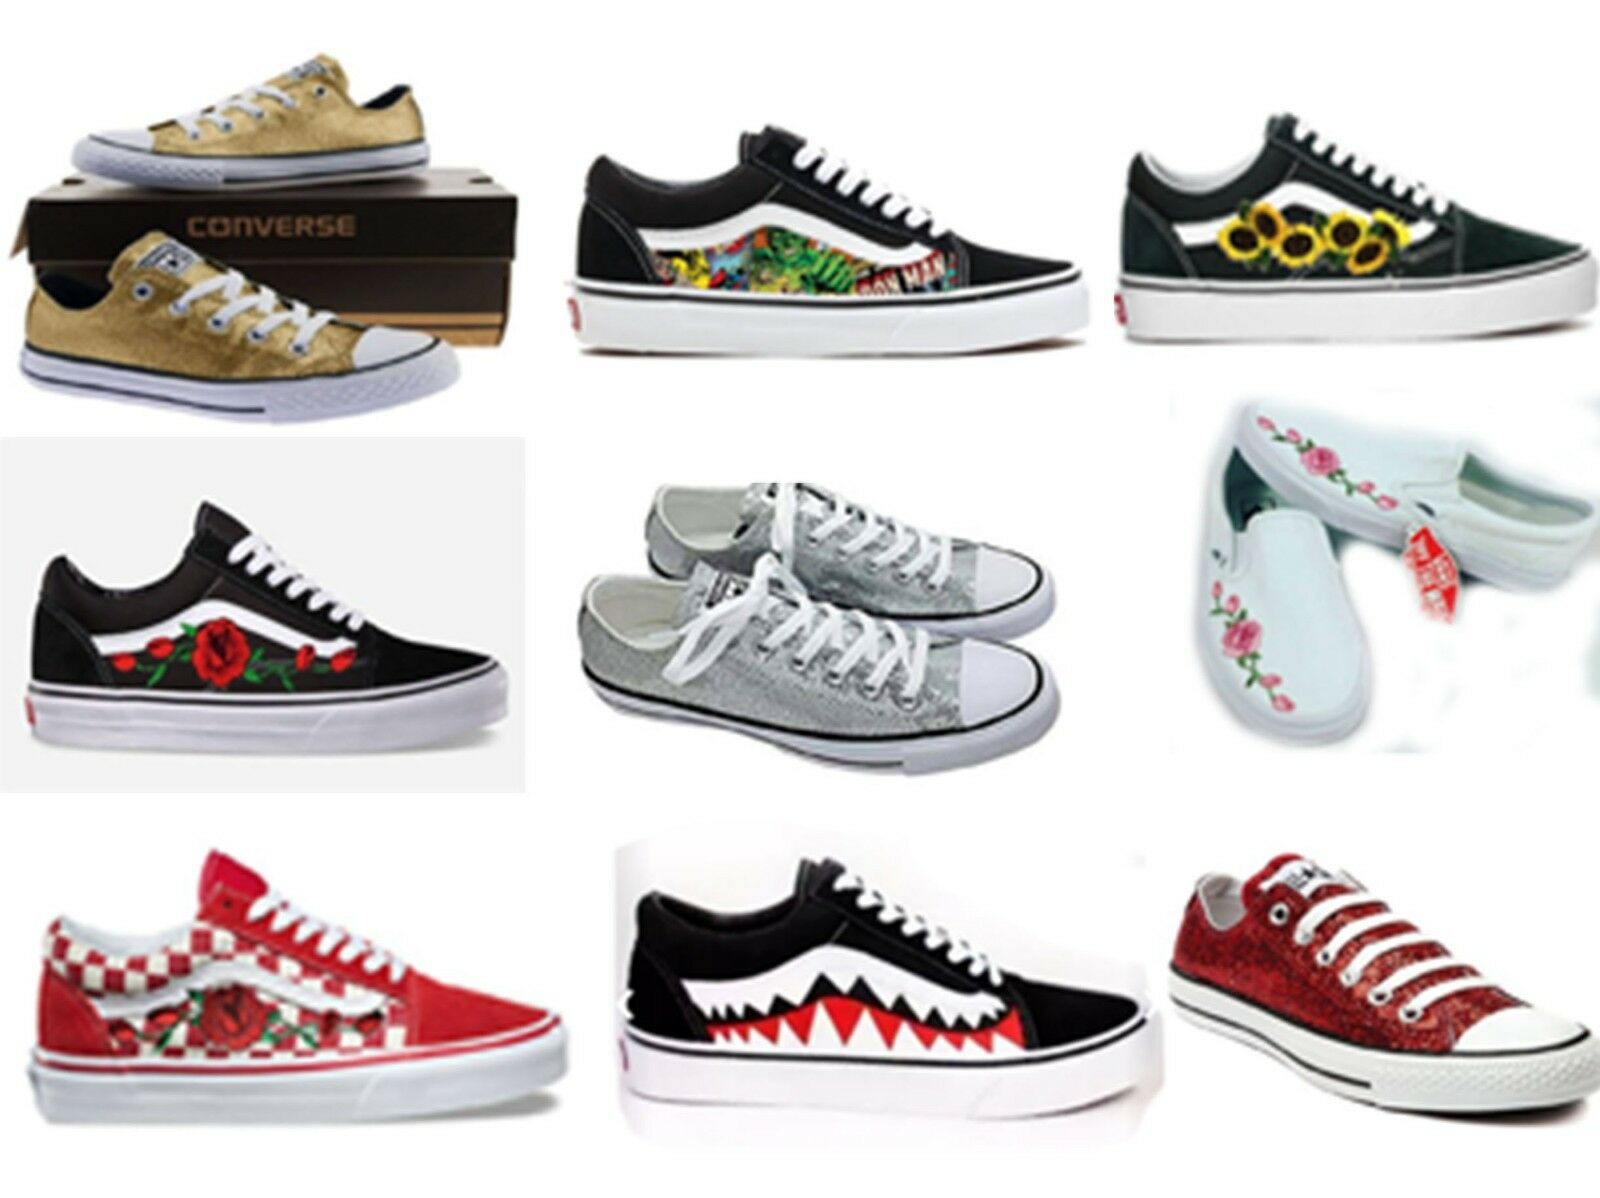 Personalizados Rojo Converse Nuevos Vans And Zapatos xXOaU5qY 0d2129cd447